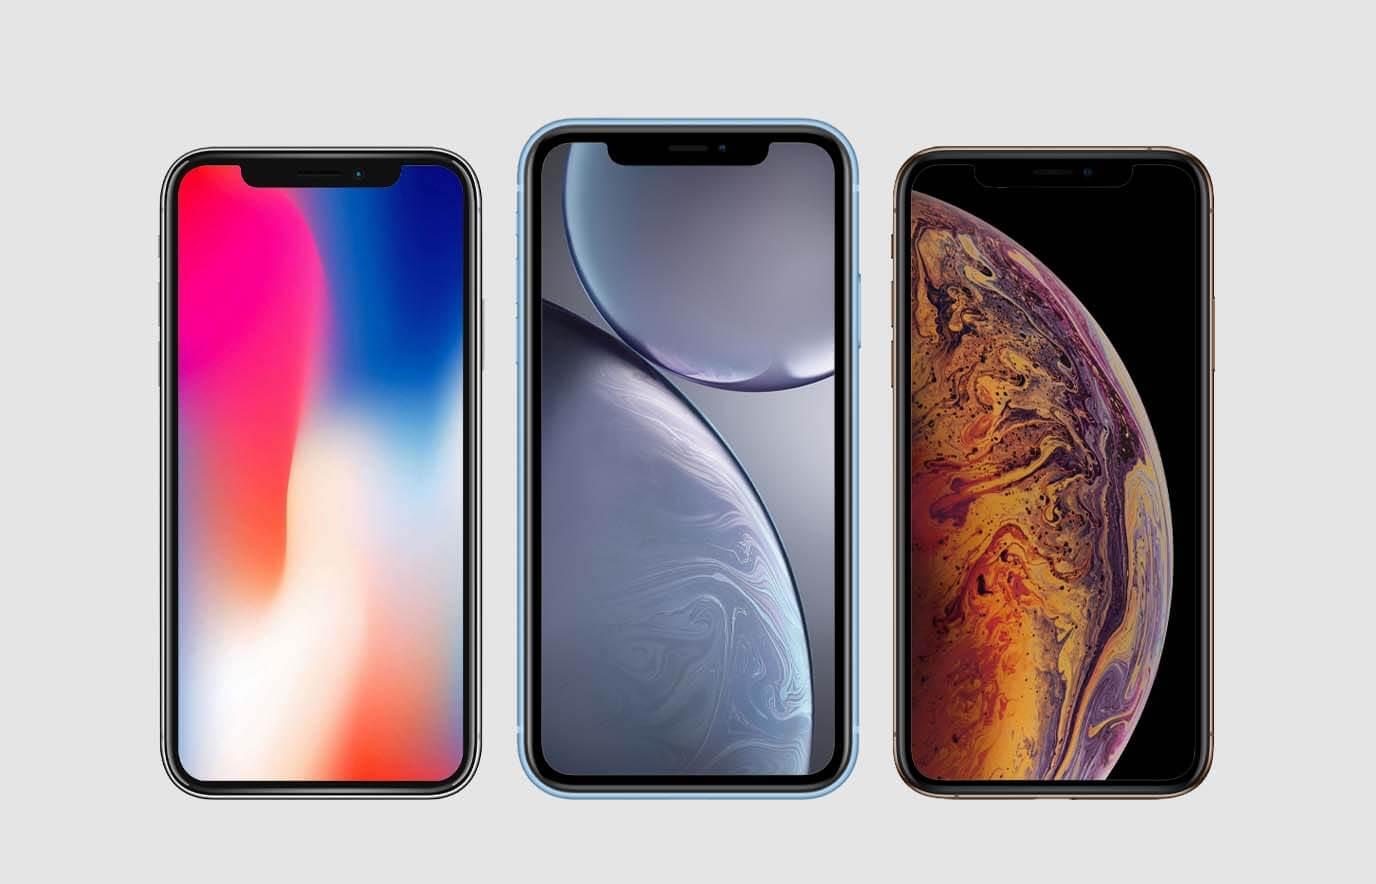 Verschil tussen iPhone X, iPhone XS en iPhone XR